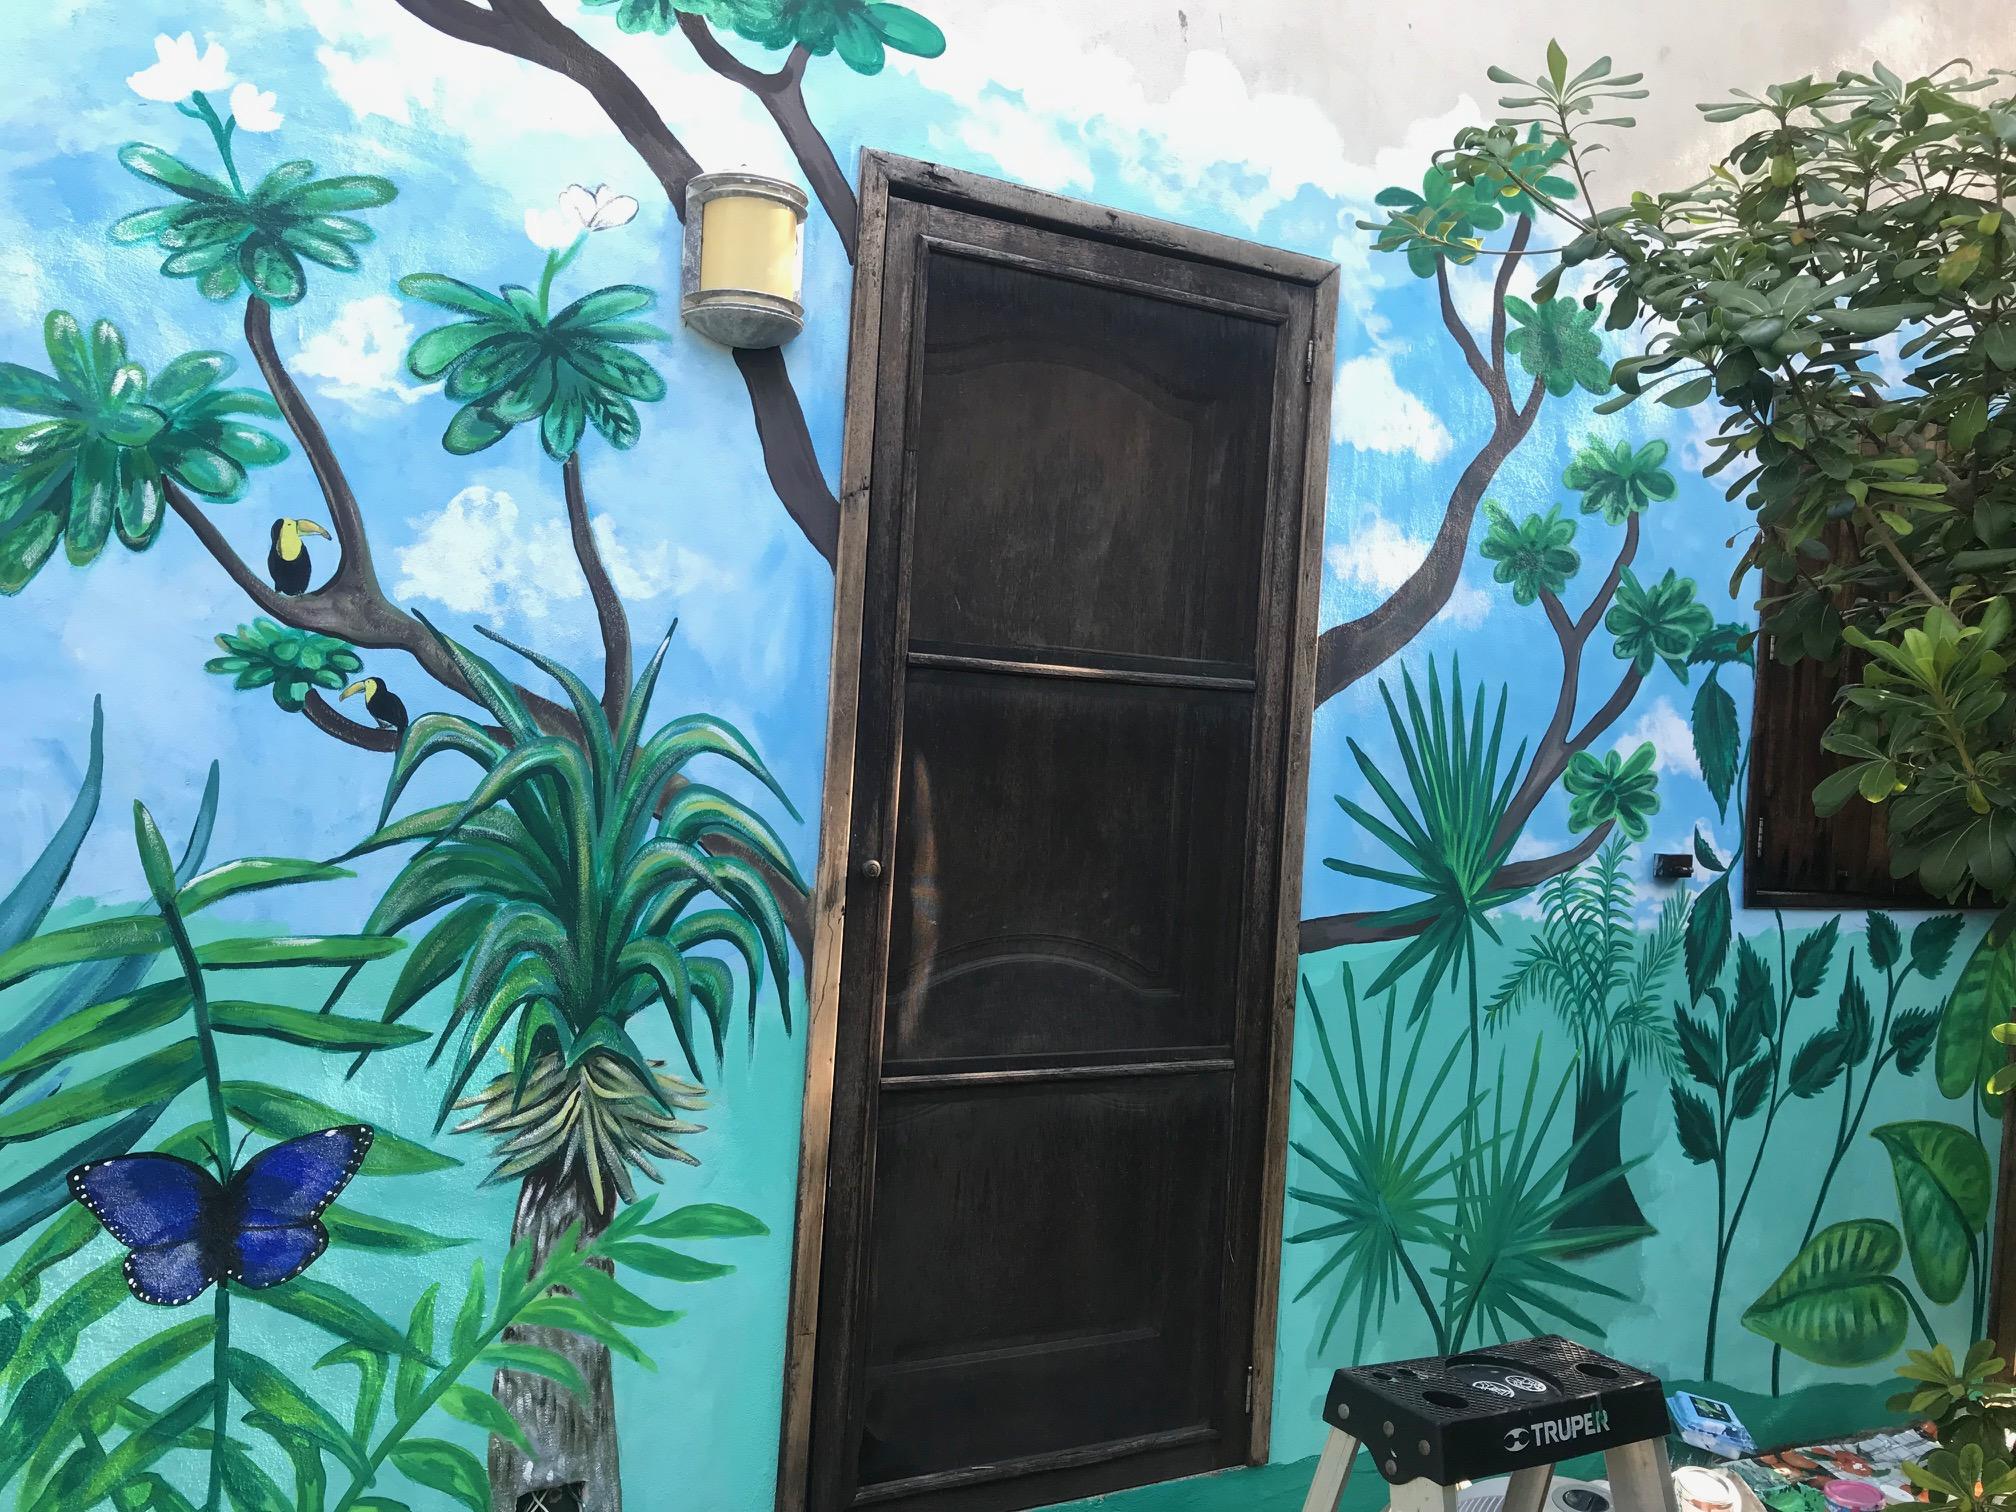 tropical mural surrounding a door